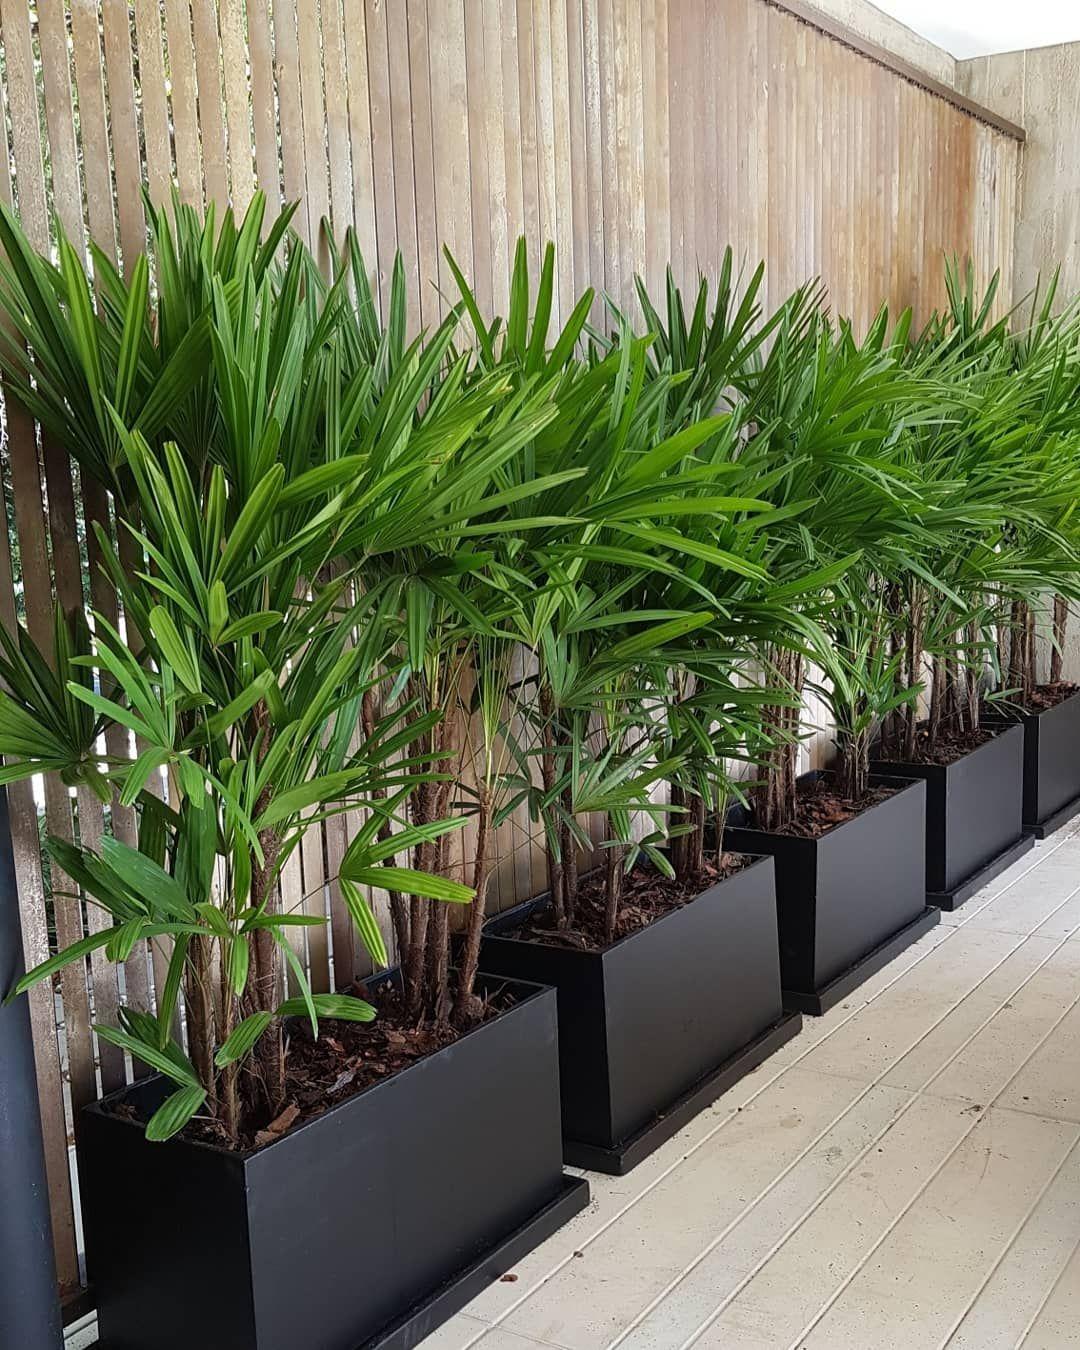 Palmeira Ráfia: Significado, Cuidados e 25 Ideias de Decoração